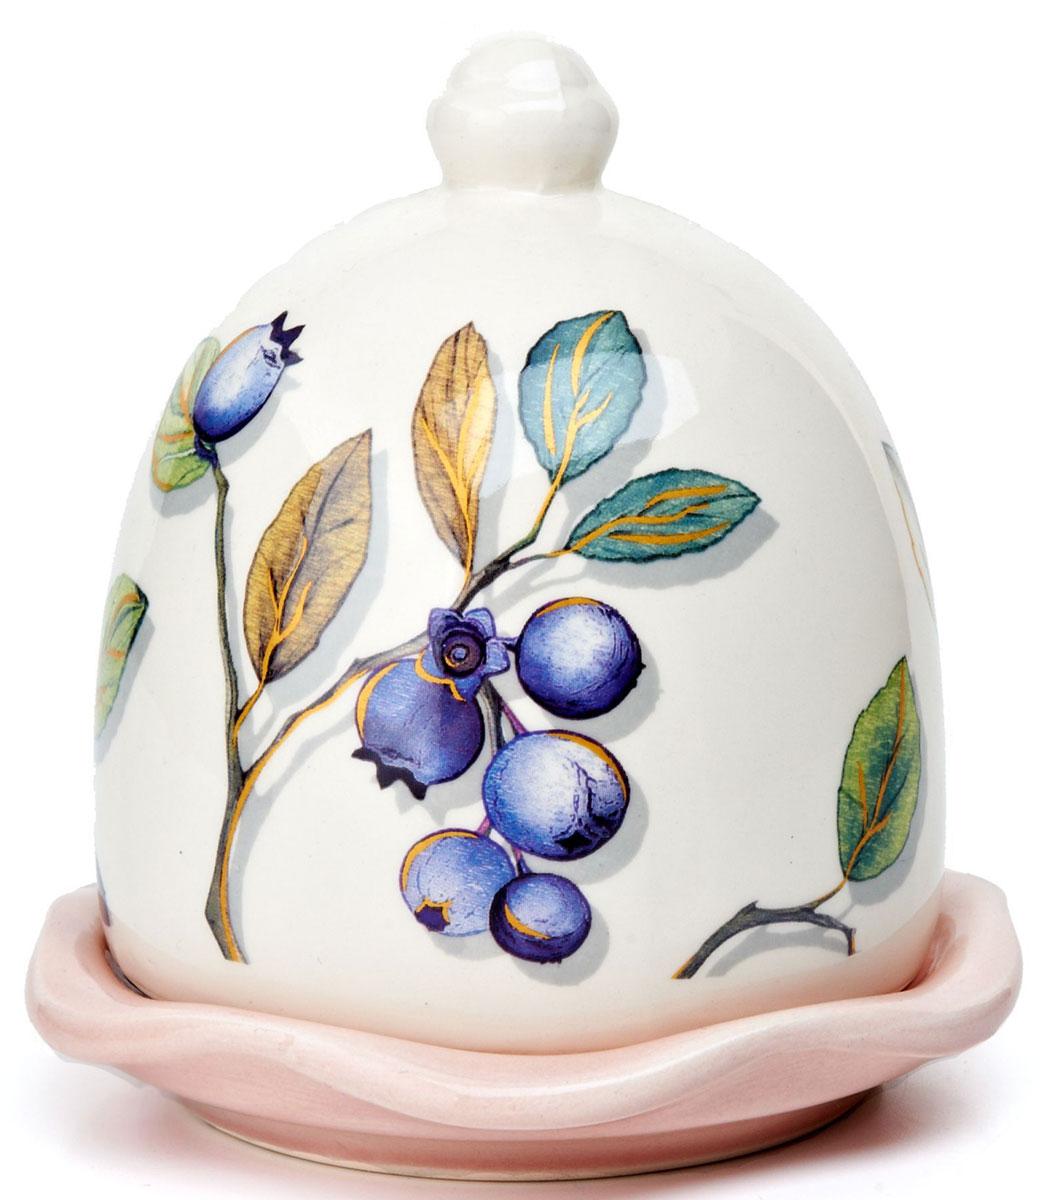 Лимонница ENS Group Botanica, 9 х 9 х 12 см. L2430674L2430674Лимонница Botanica выполнена из высококачественной керамики и состоит из блюдца и крышки. Изделие украшено оригинальным узором. Лимонница Botanica доставит истинное удовольствие ценителям прекрасного и поможет сохранить свежесть лимона на длительный срок. Яркий дизайн, несомненно, придется вам по вкусу. Не рекомендуется мыть в посудомоечной машине.